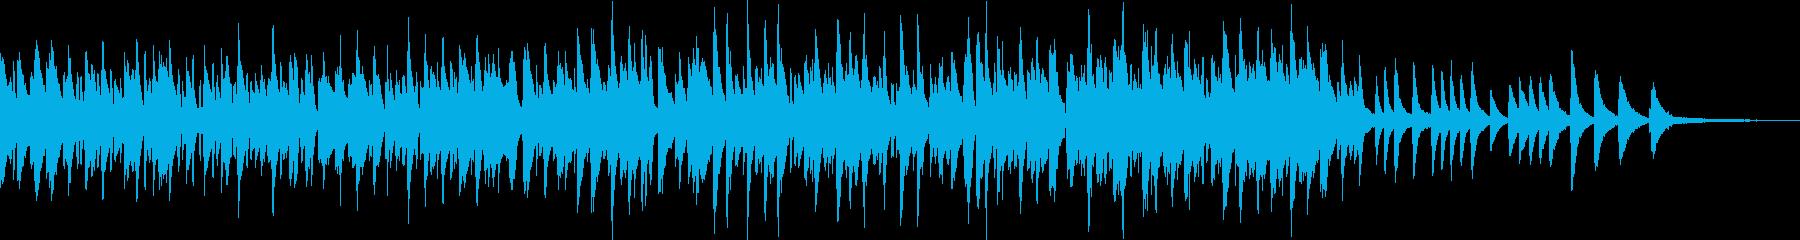 童謡「しゃぼん玉」ボサノバ/ピアノトリオの再生済みの波形